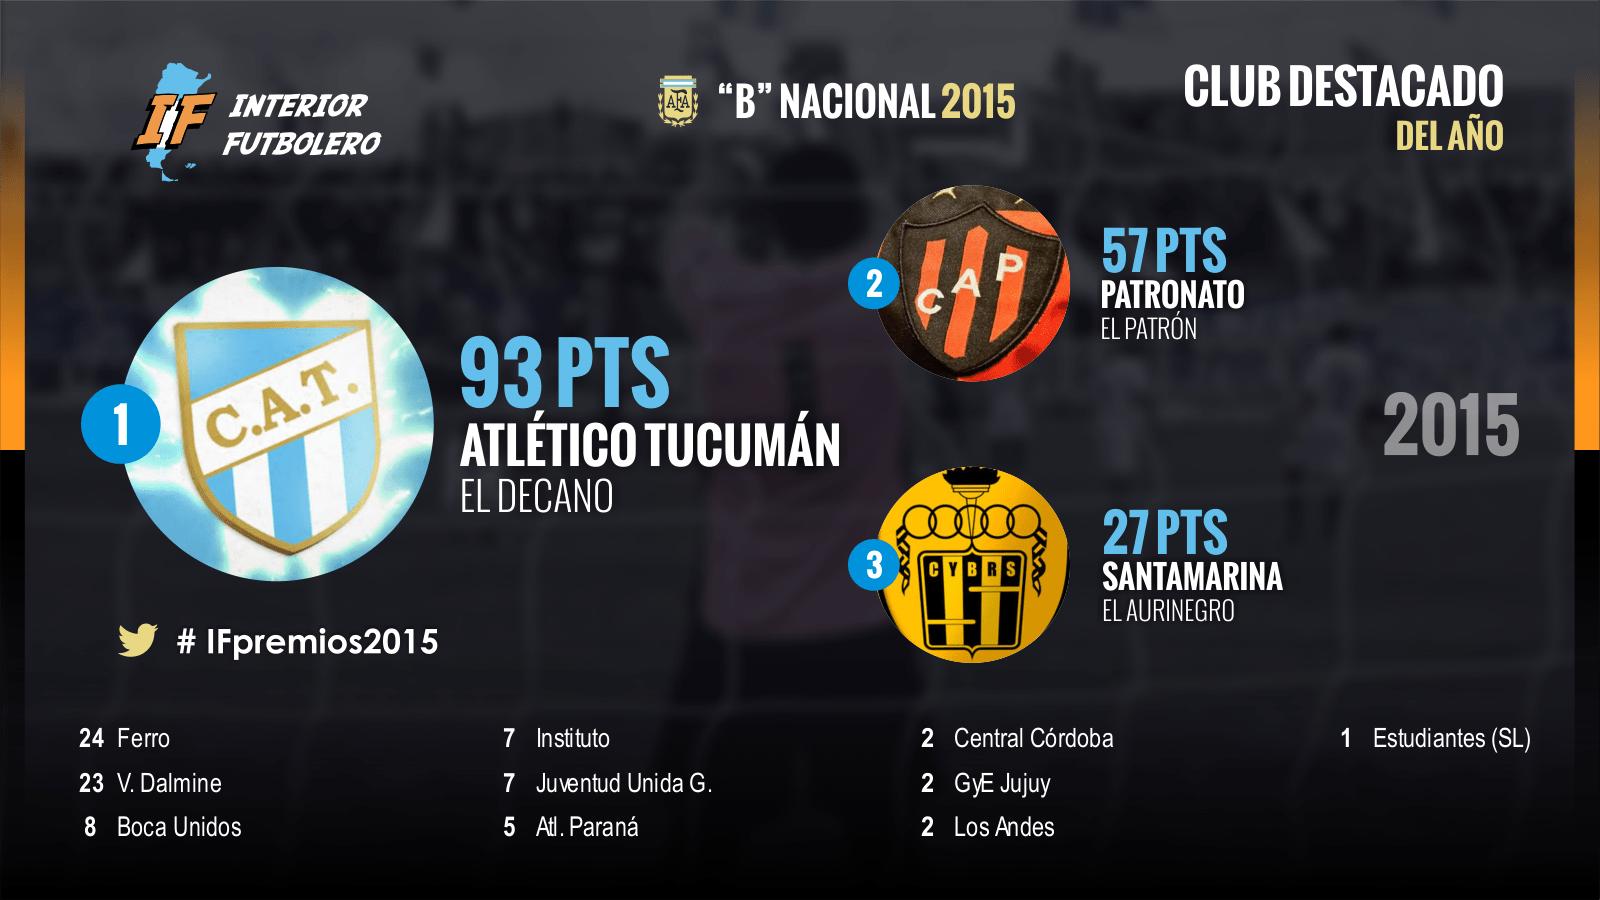 35_mejor_club